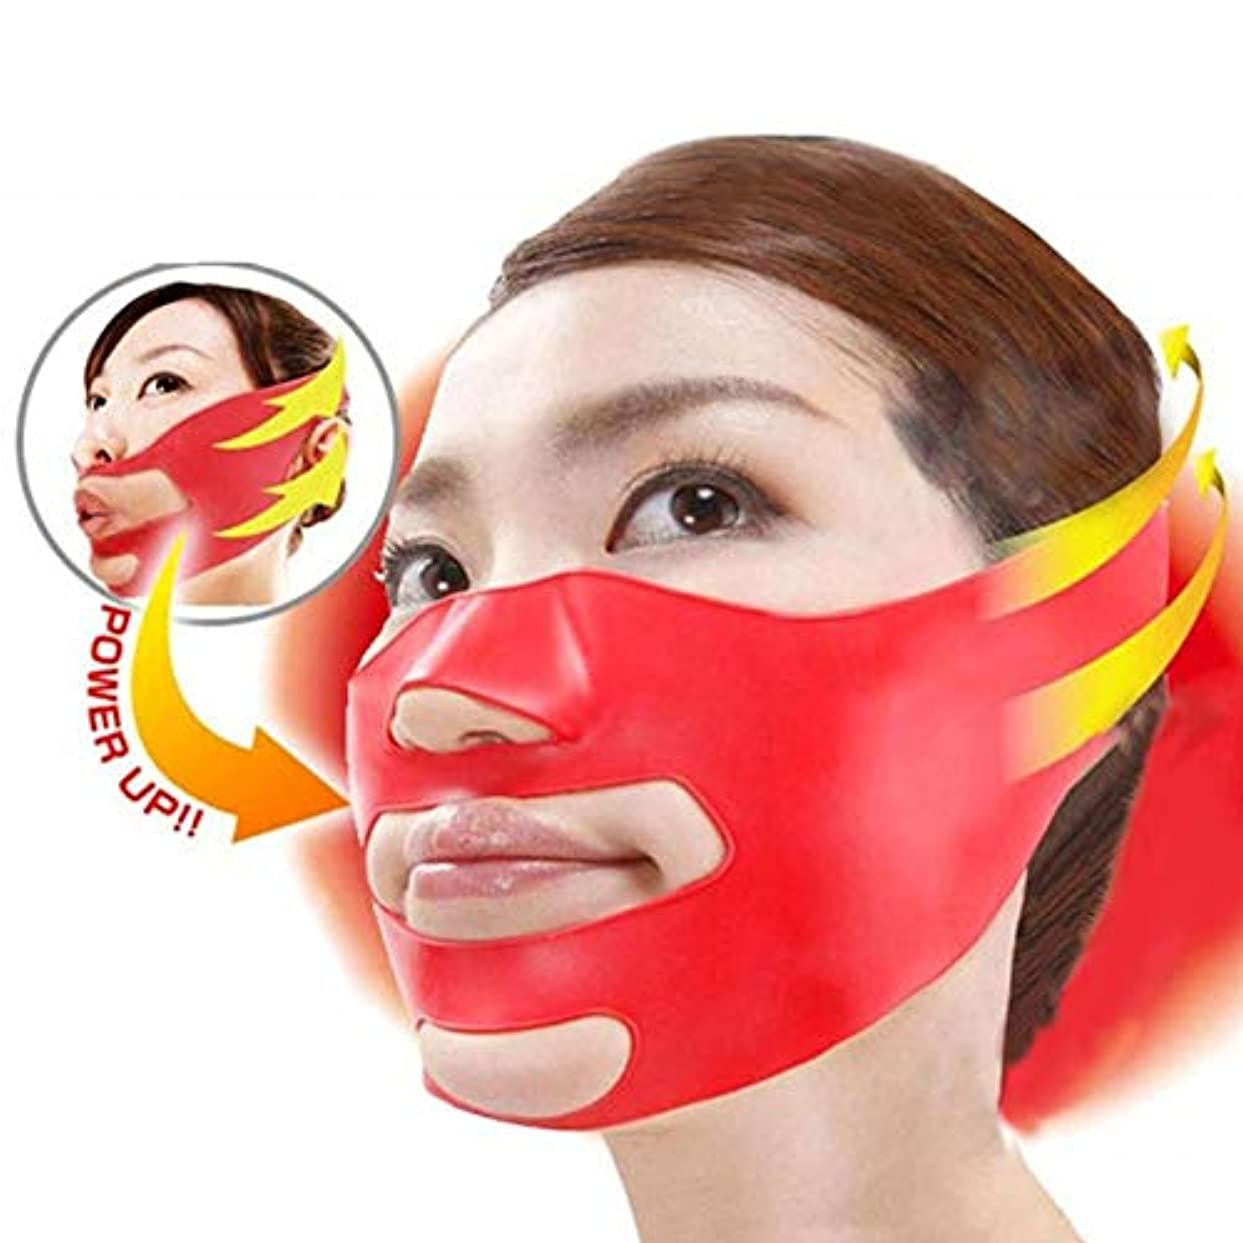 不要雑品レプリカ1ピース3dフェイスリフトツールフェイシャルシェイパーv頬リフトアップフェイスマスク痩身マスクベルト包帯成形整形スリム女性美容ツール